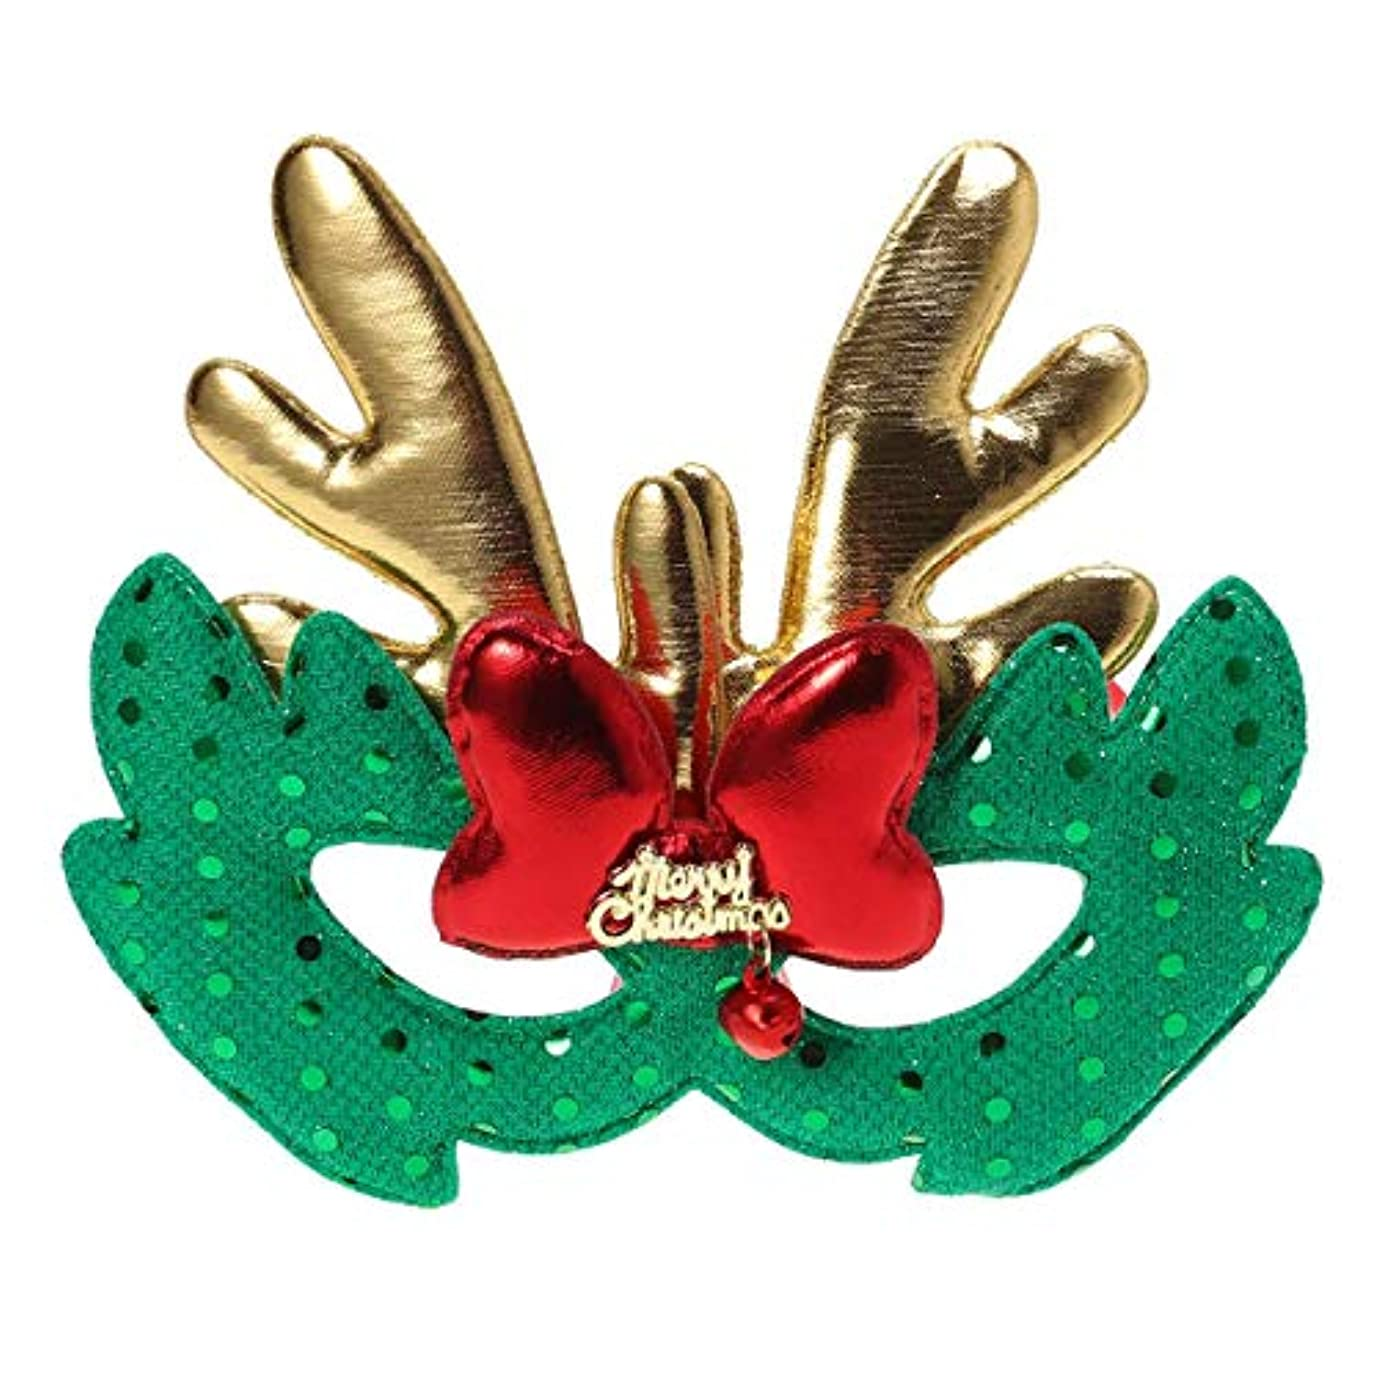 押す人事変なBESTOYARD エルククリスマスコスチュームマスク布マスク子供大人コスプレクリスマスパーティーグリーン